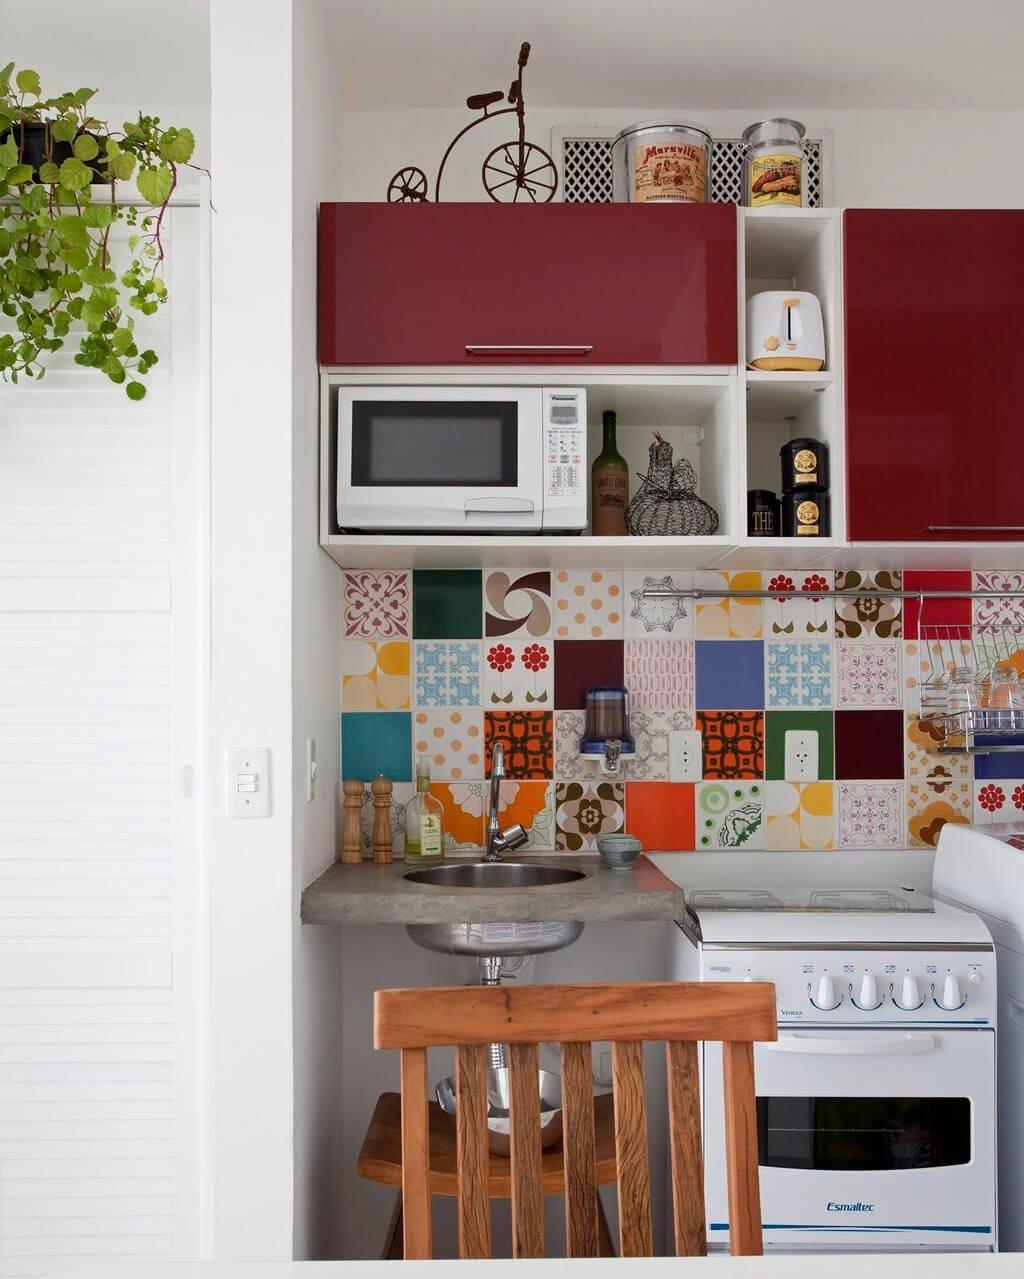 Cozinha Simples Decorada Pastilhas